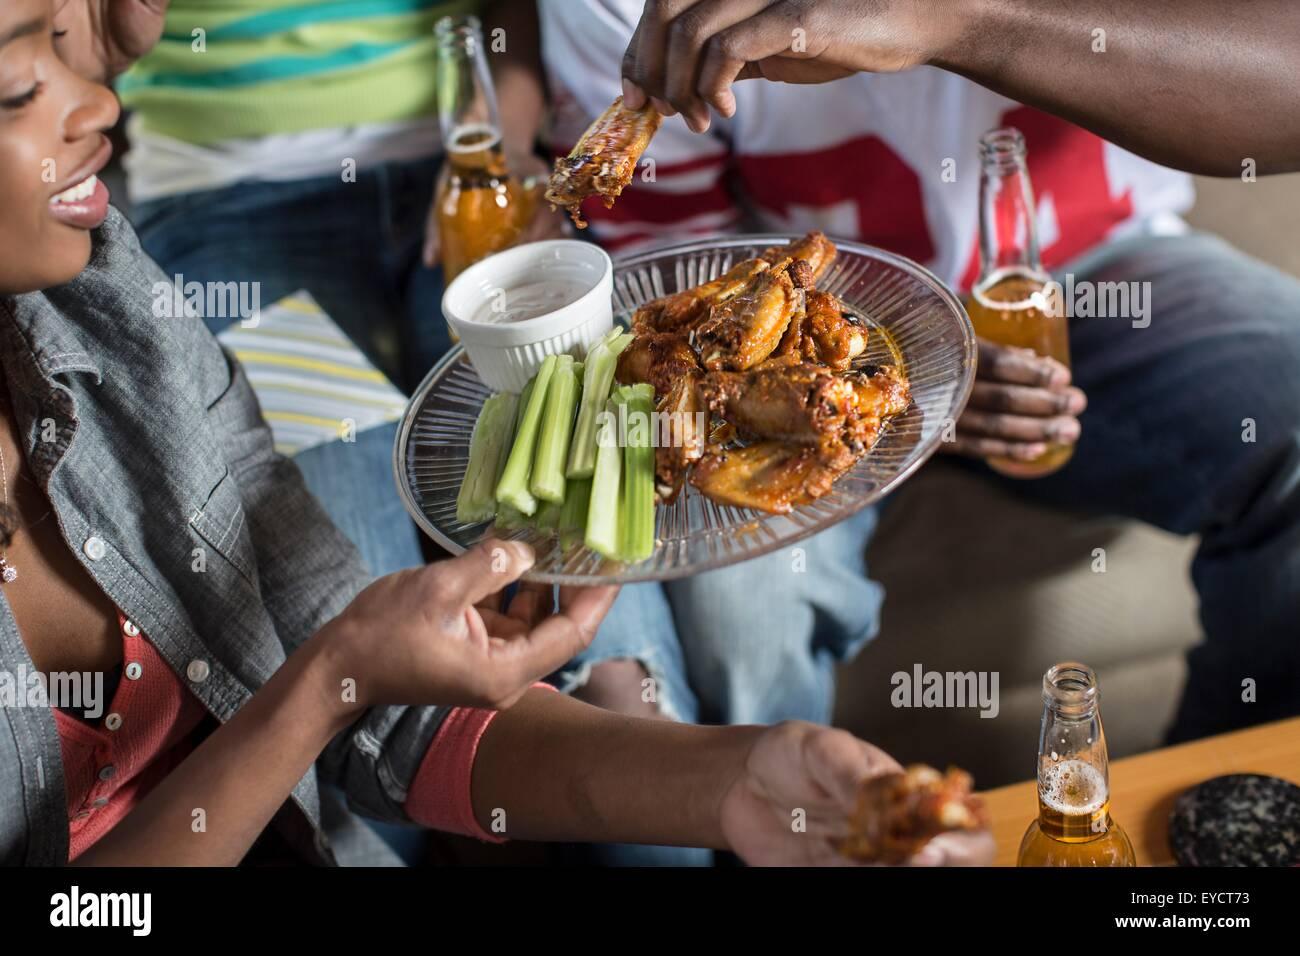 Groupe d'amis adultes partager sur des plats à emporter Salon canapé Photo Stock